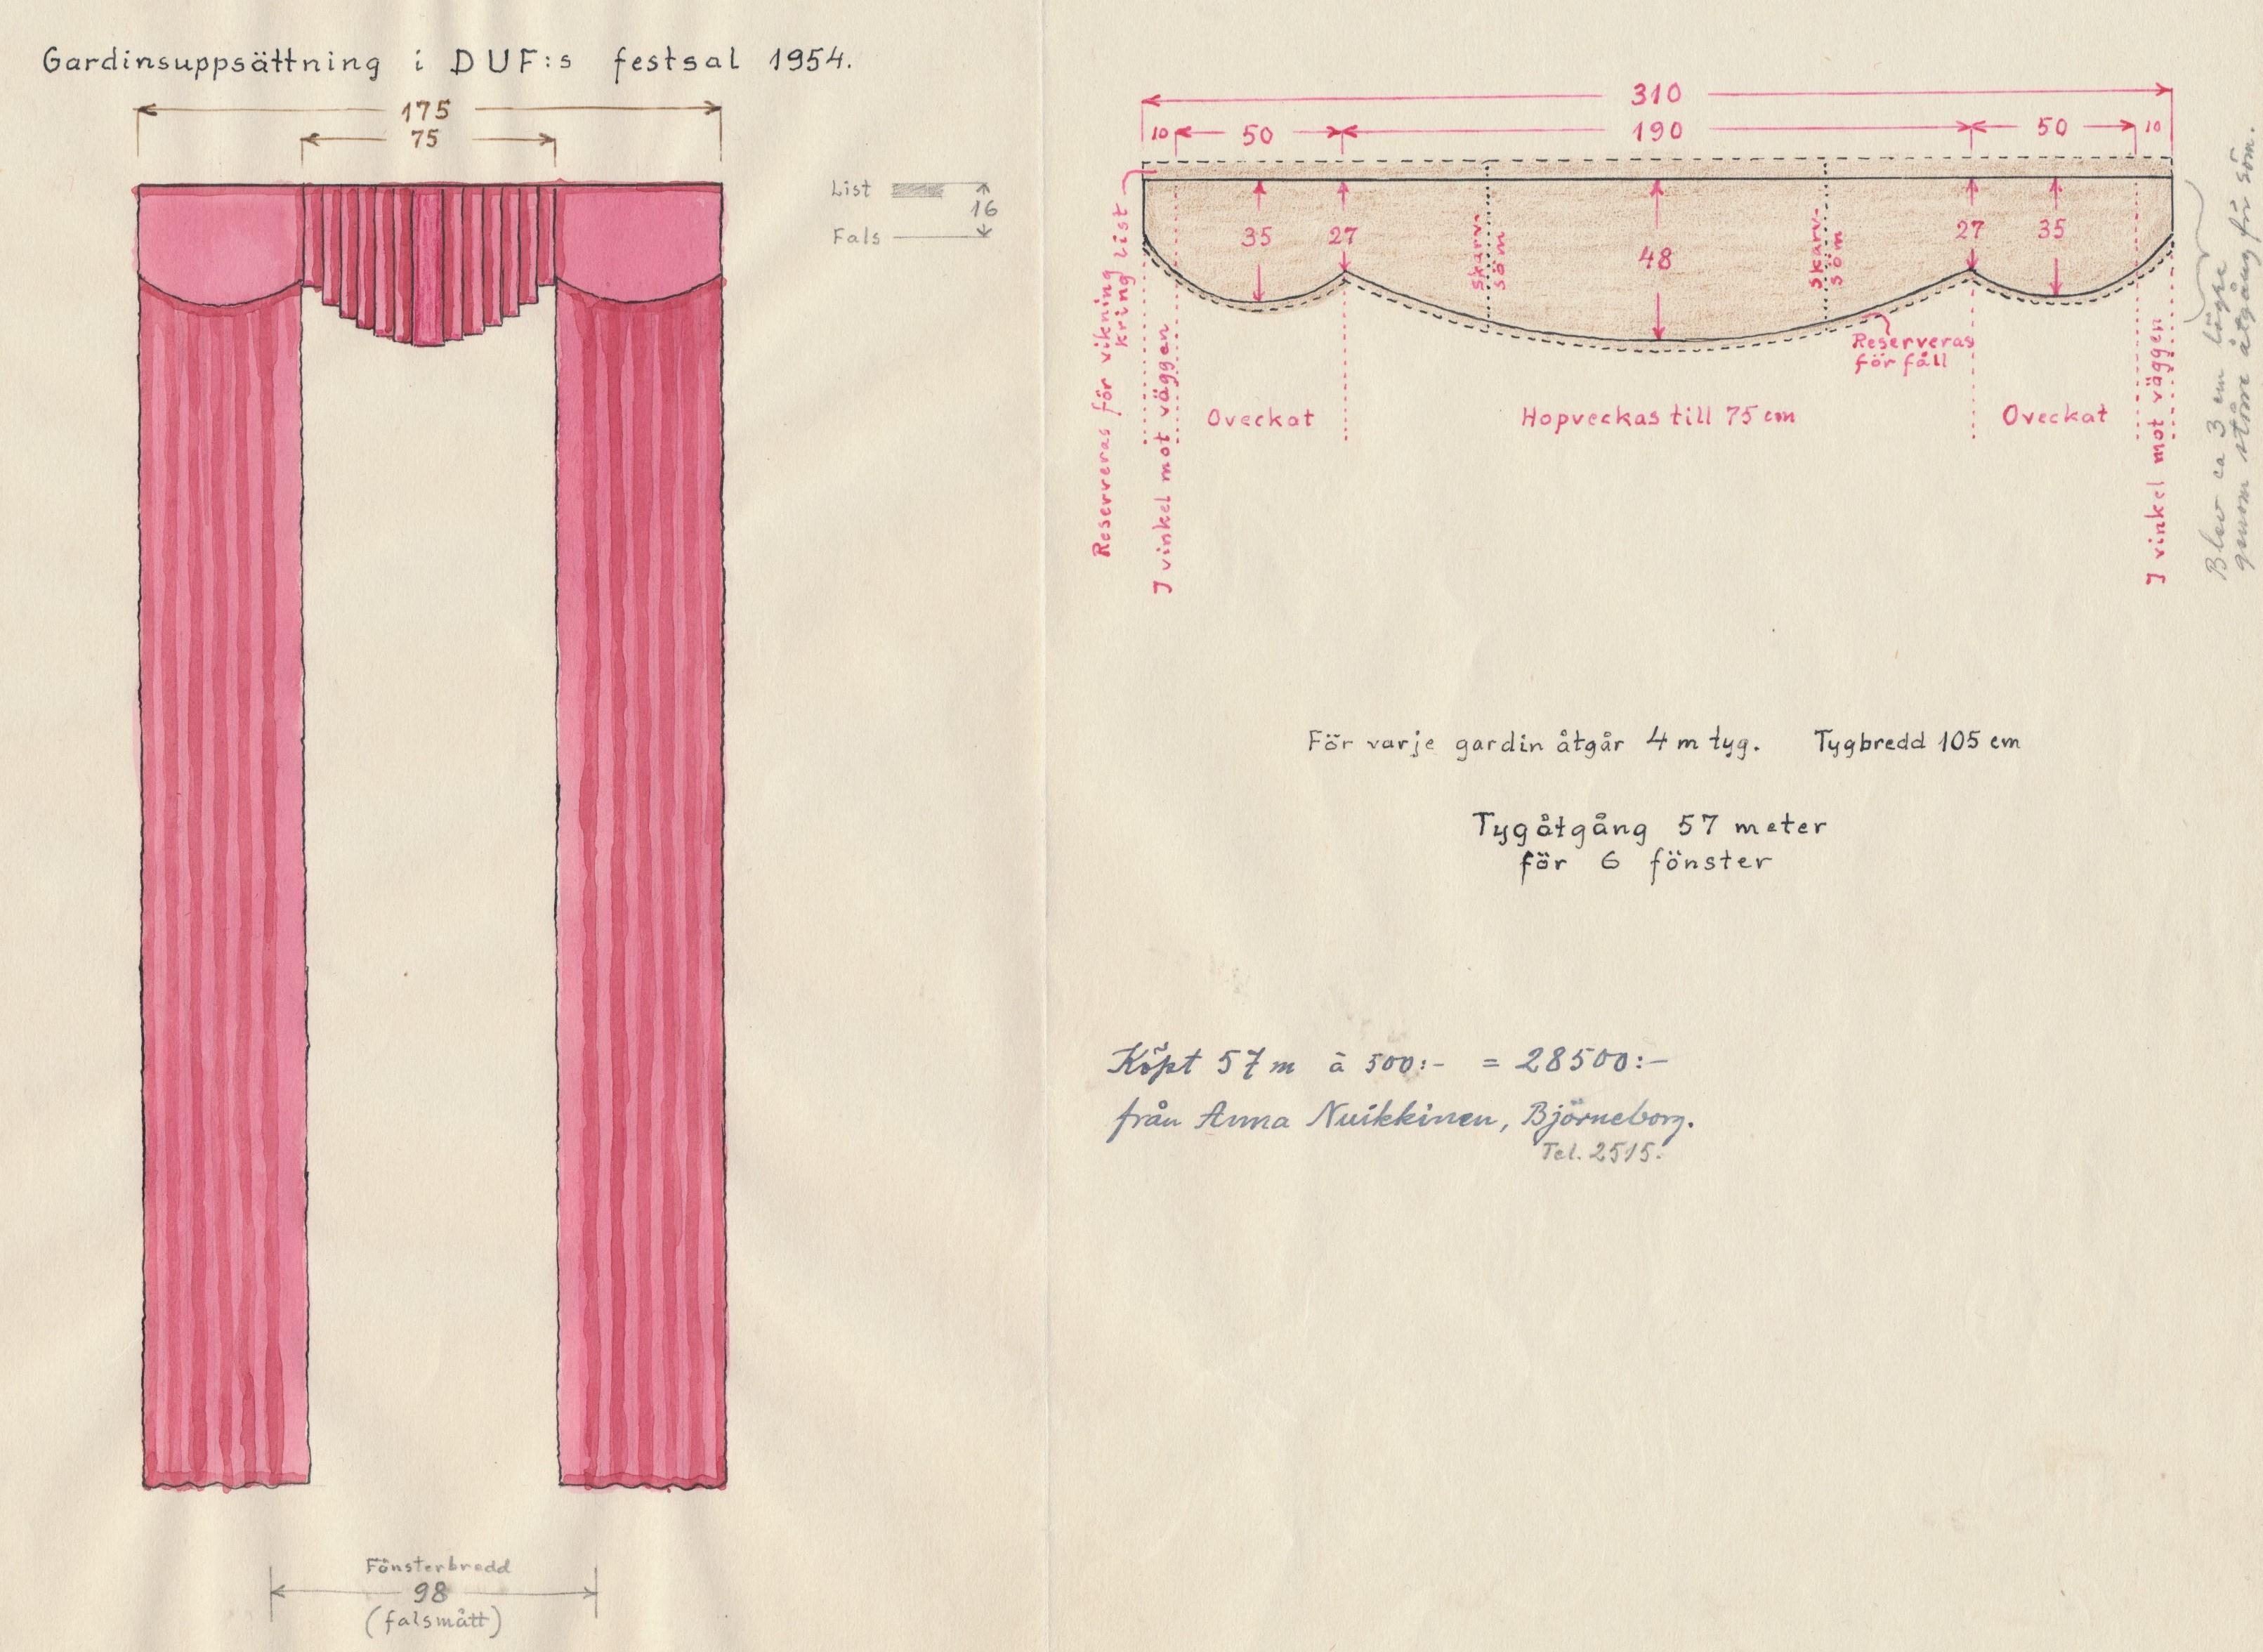 Rurik Nylund var en mångsidig man, som till och med gjorde denna tydliga ritning på gardinerna till festsalen. 57 meter gick åt och de inköptes från Björneborg, för det totala priset 28 500 mark.